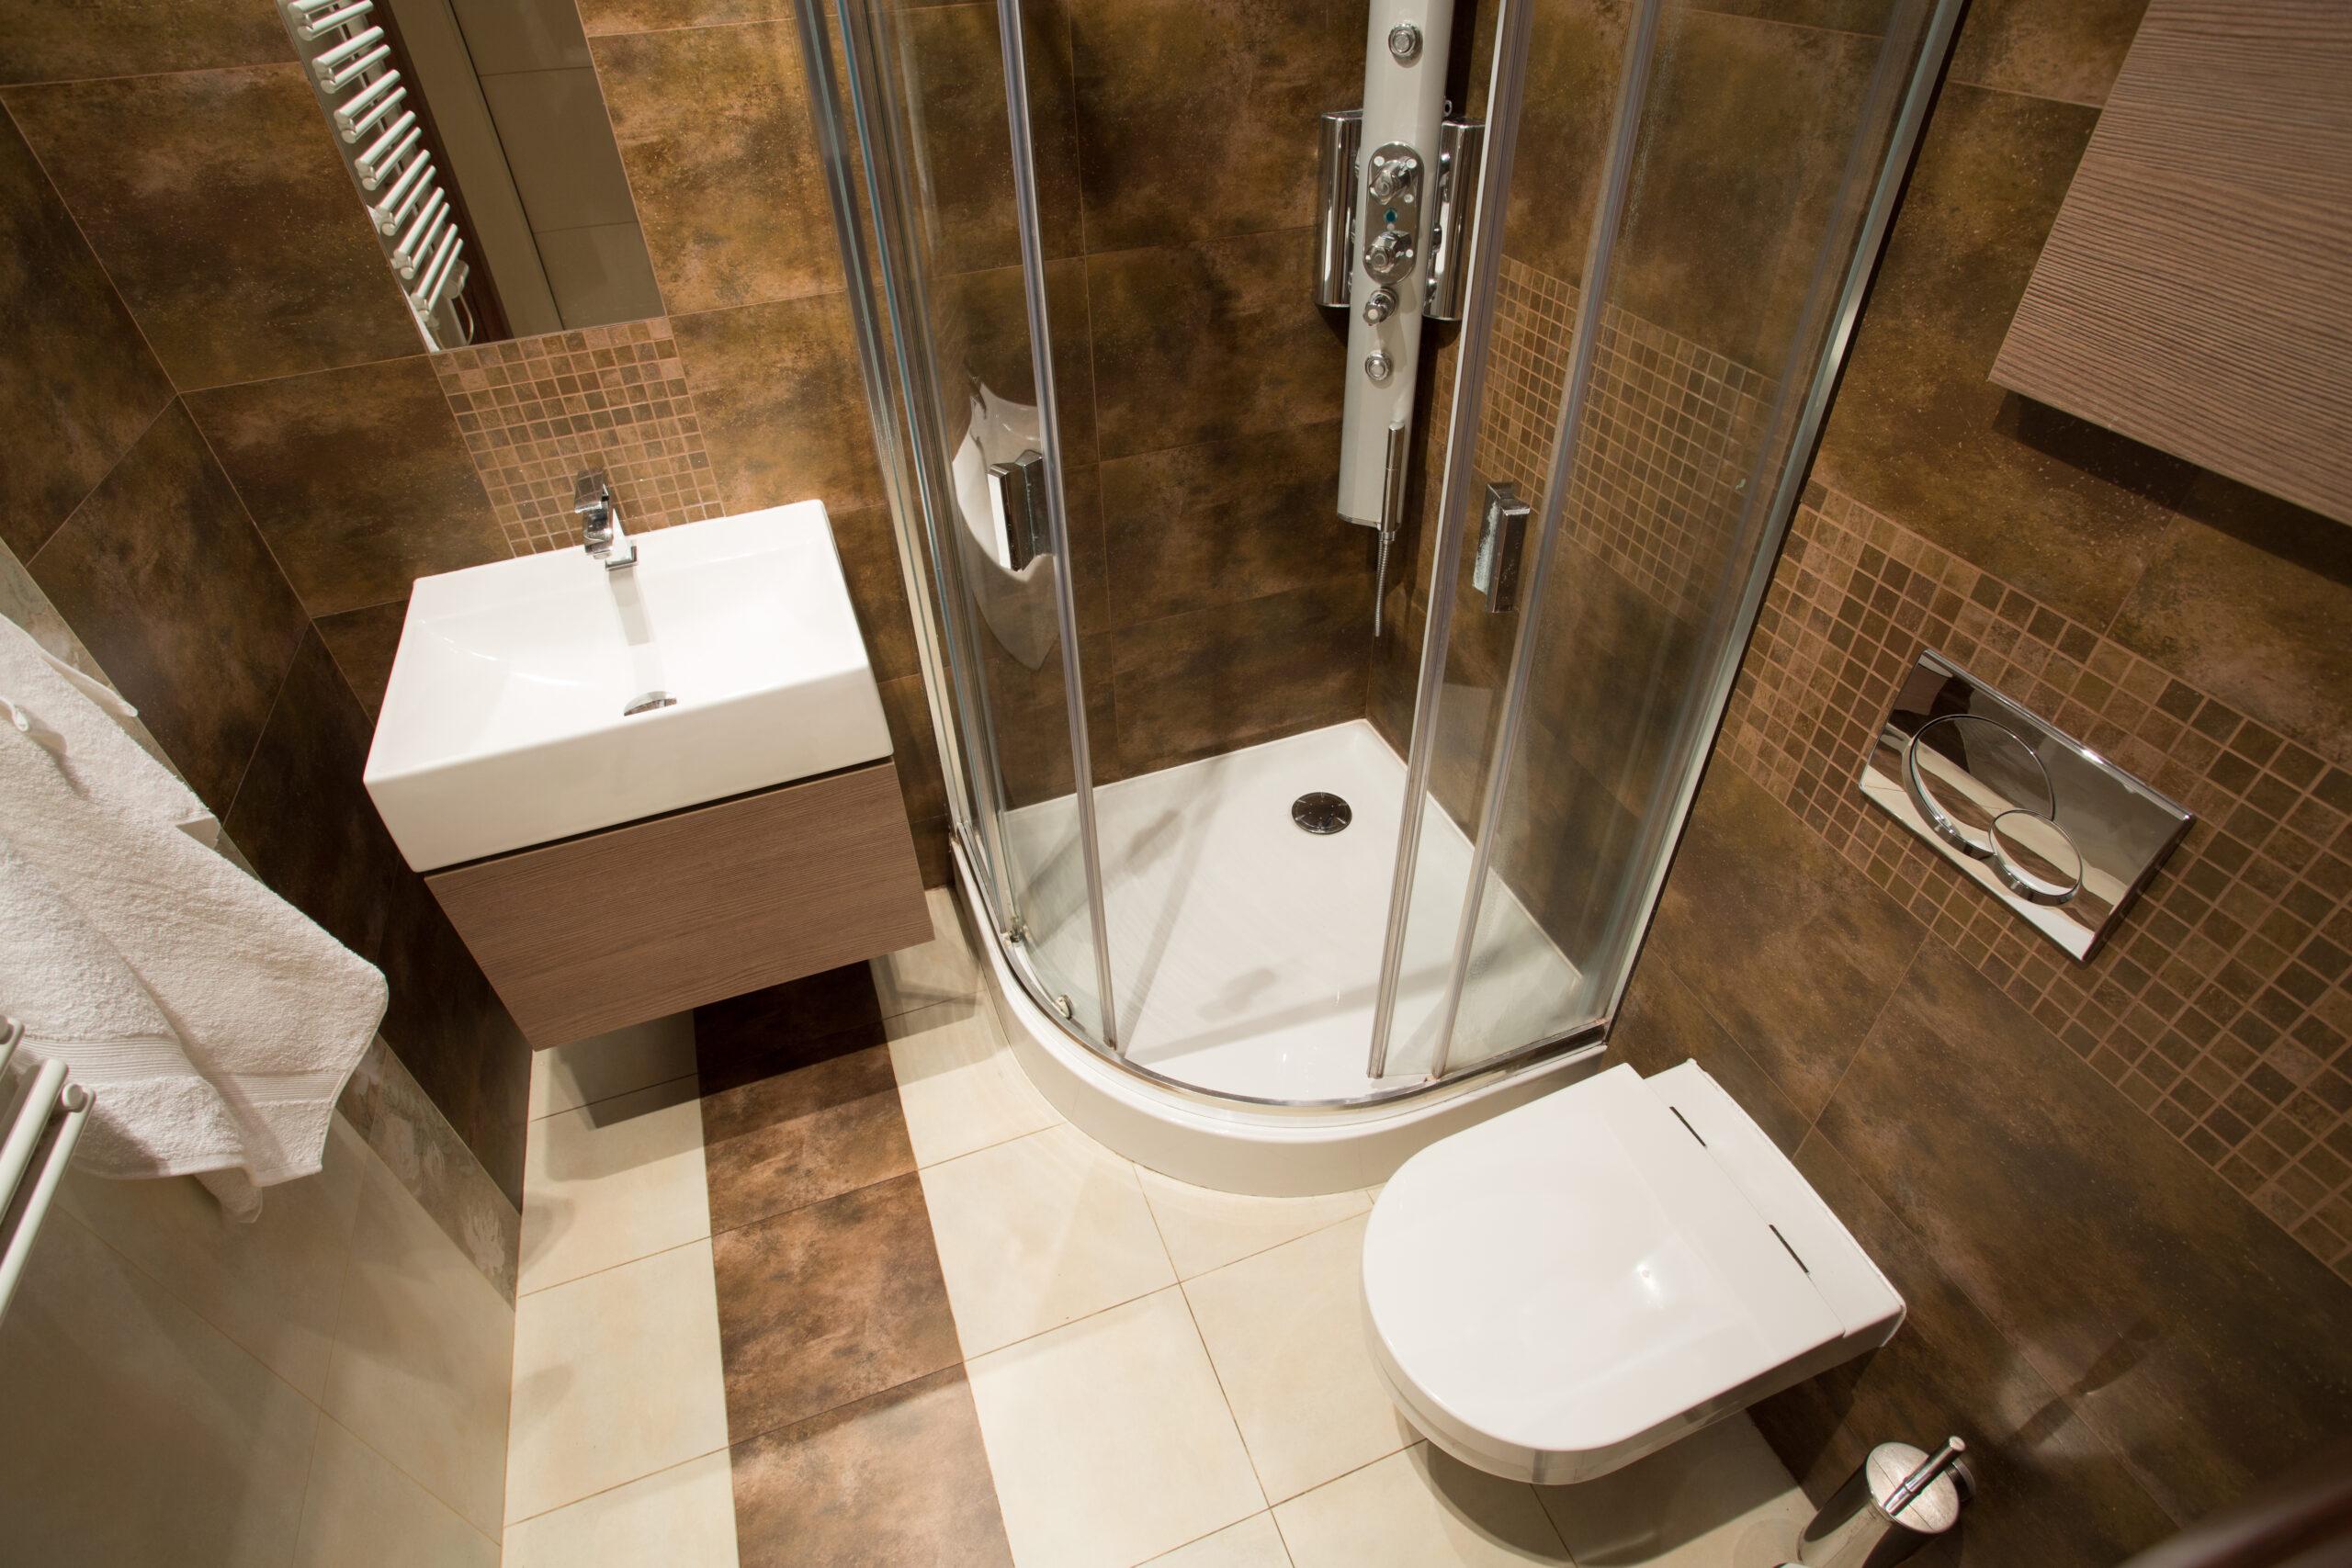 Obiecte sanitare mici